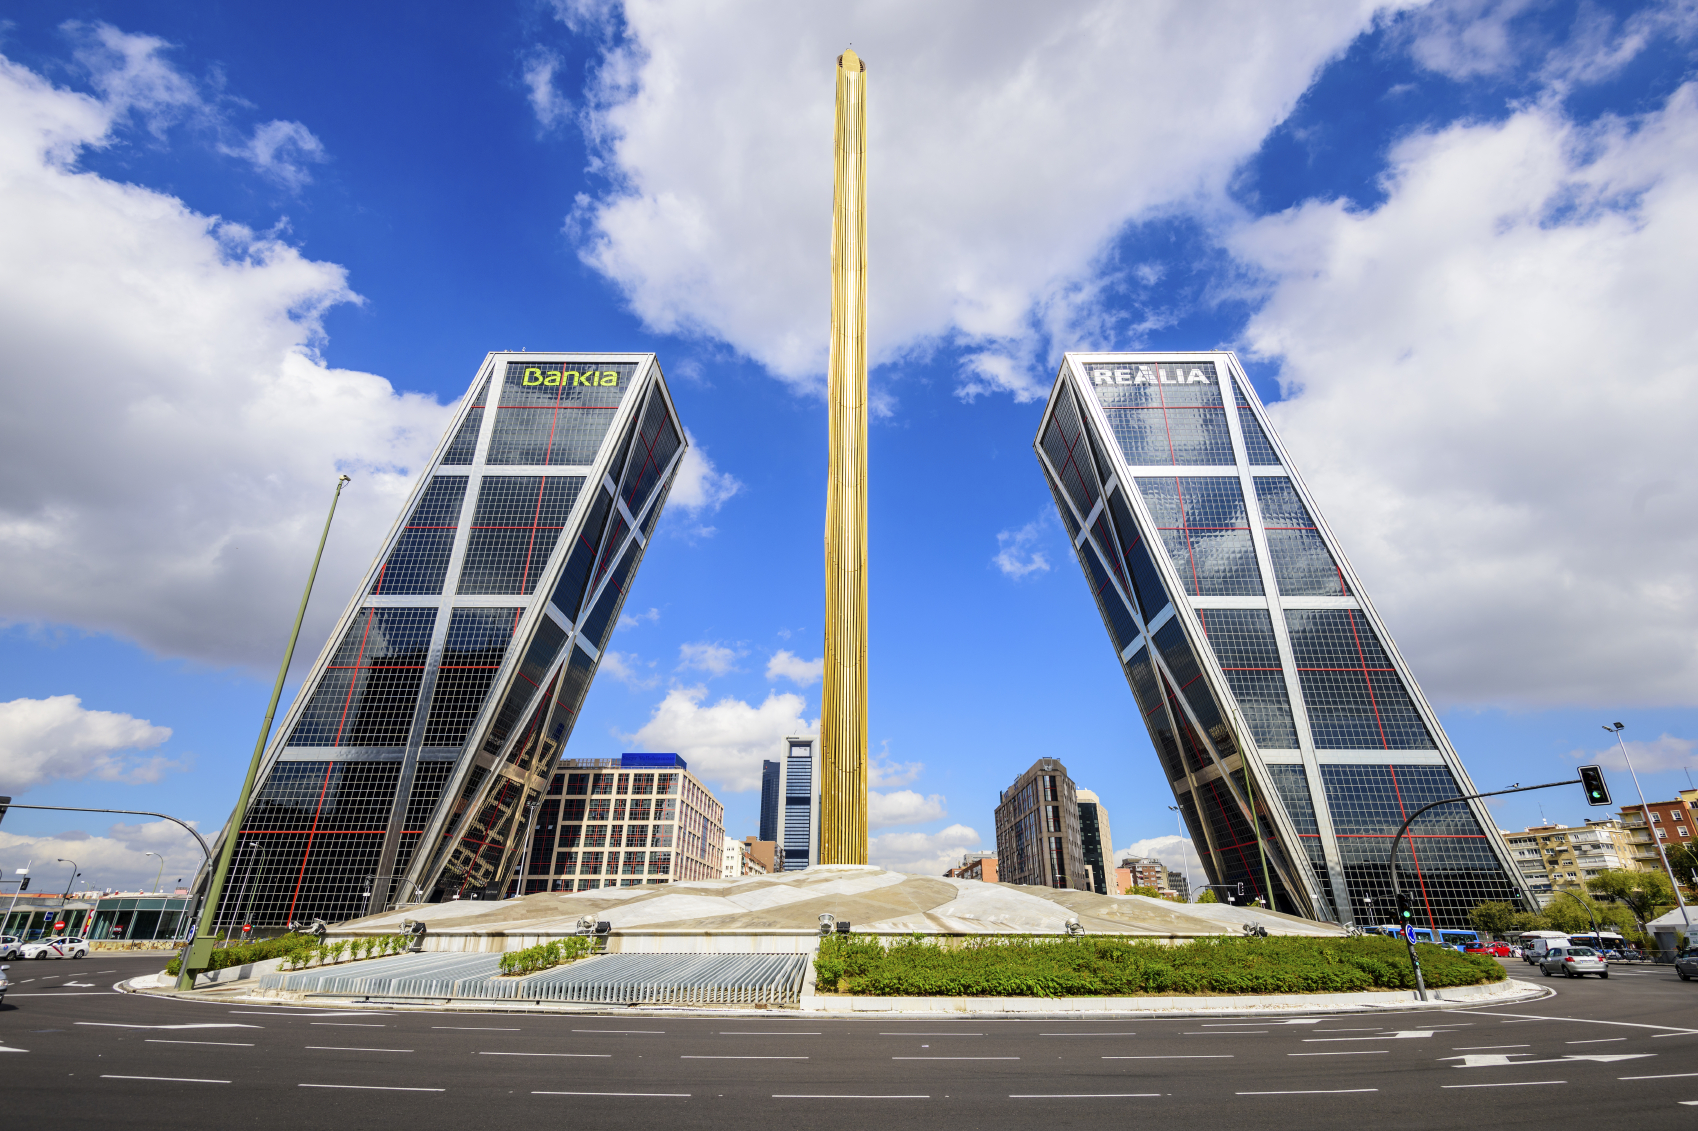 Los 10 edificios m s raros de espa a el viajero fisg n - Torres kio arquitecto ...